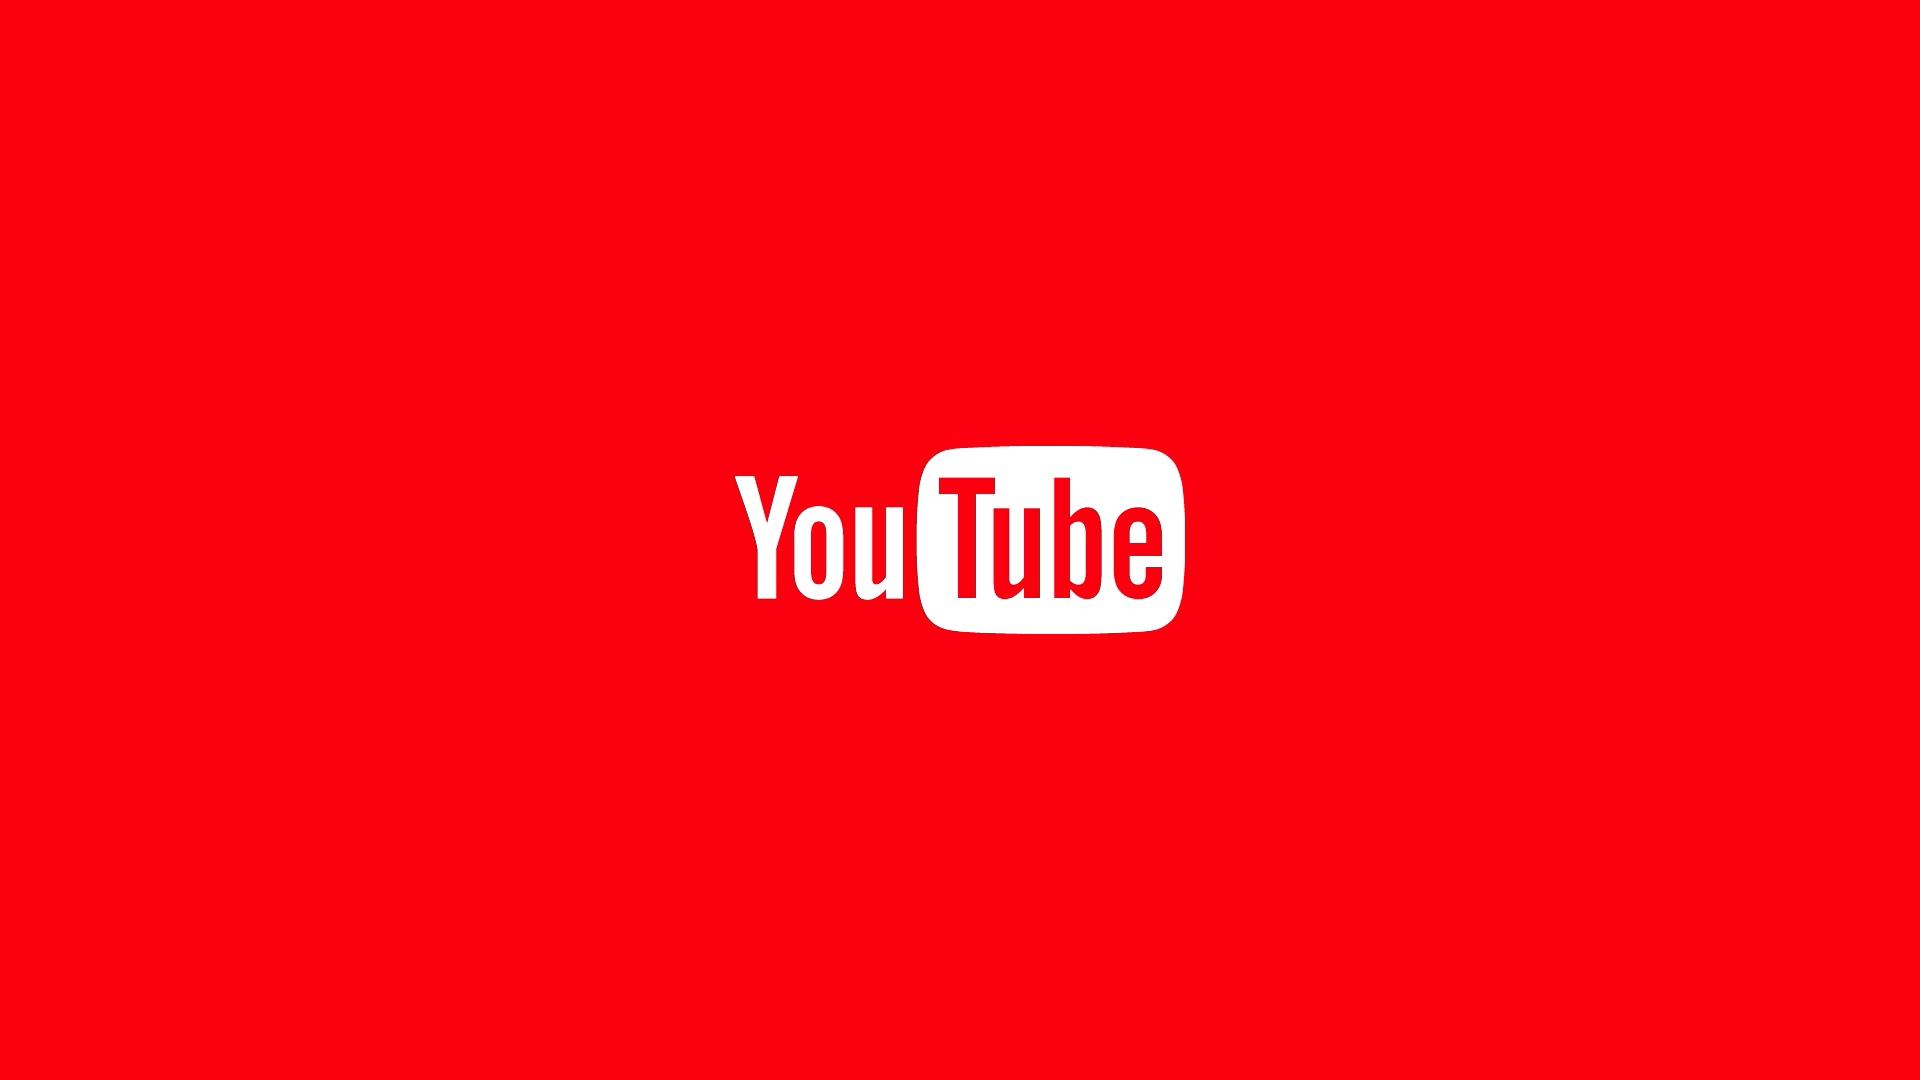 壁紙 1920x1080 ロゴエンブレム Youtube 赤の背景 ダウンロード 写真